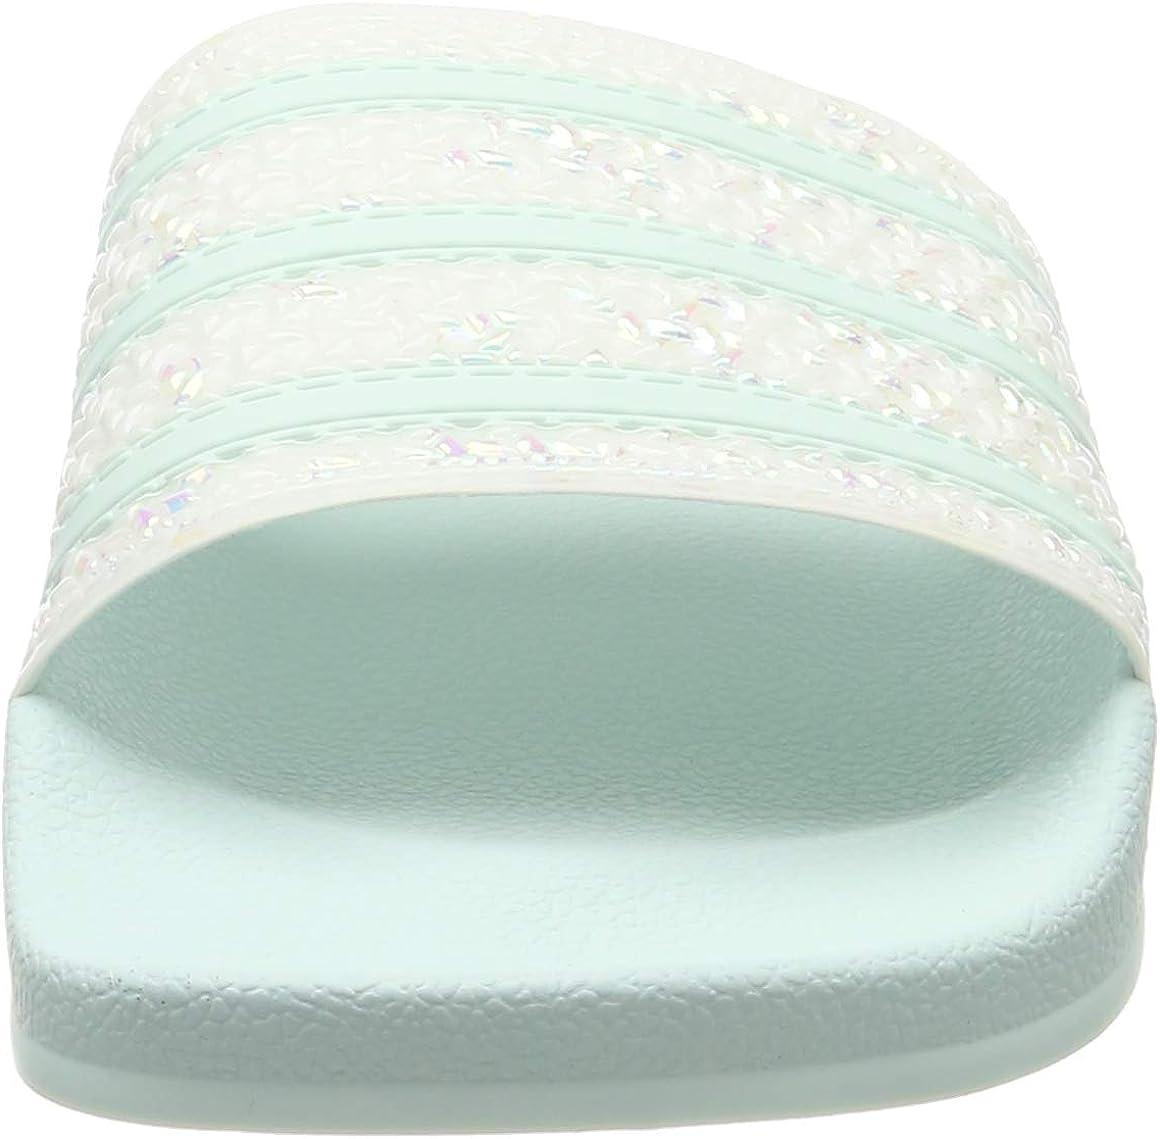 adidas Adilette W, Zapatos de Playa y Piscina para Mujer Blanco Ftwr White Ftwr White Ftwr White Ftwr White Ftwr White Ftwr White